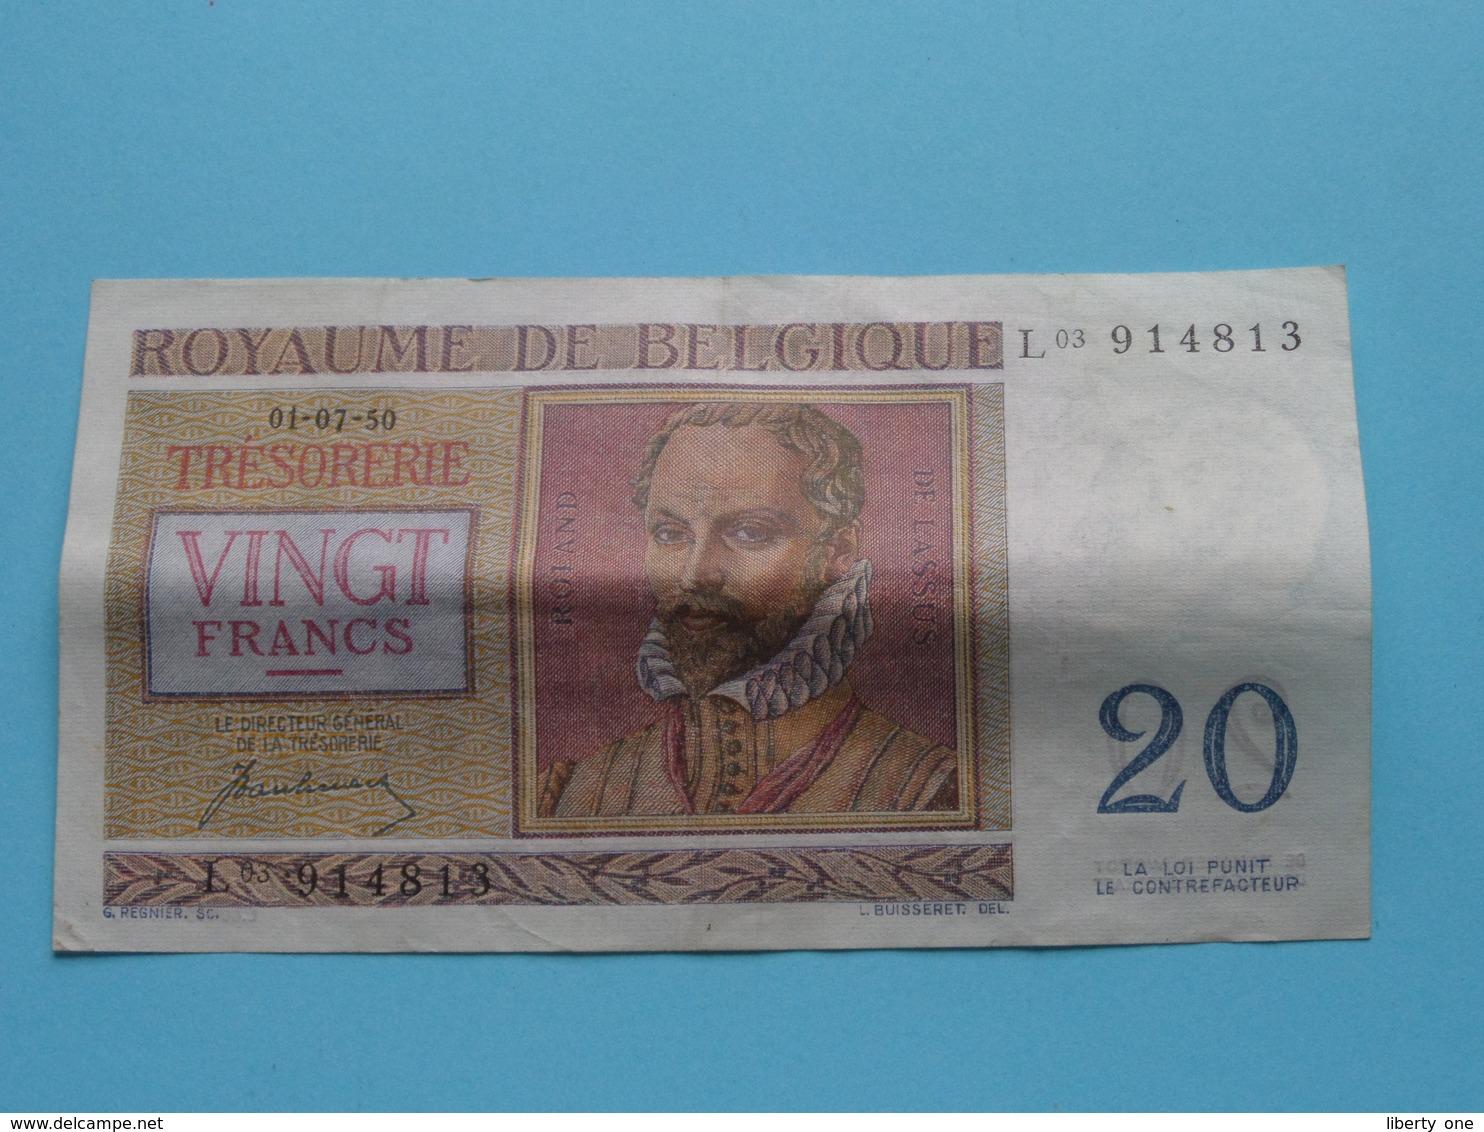 VINGT Francs TWINTIG Frank : L03 914813 ( Thesaurie / Trésorerie - Philippus De Monte ) 01-07-50 > Belgique/België ! - [ 6] Schatzamt